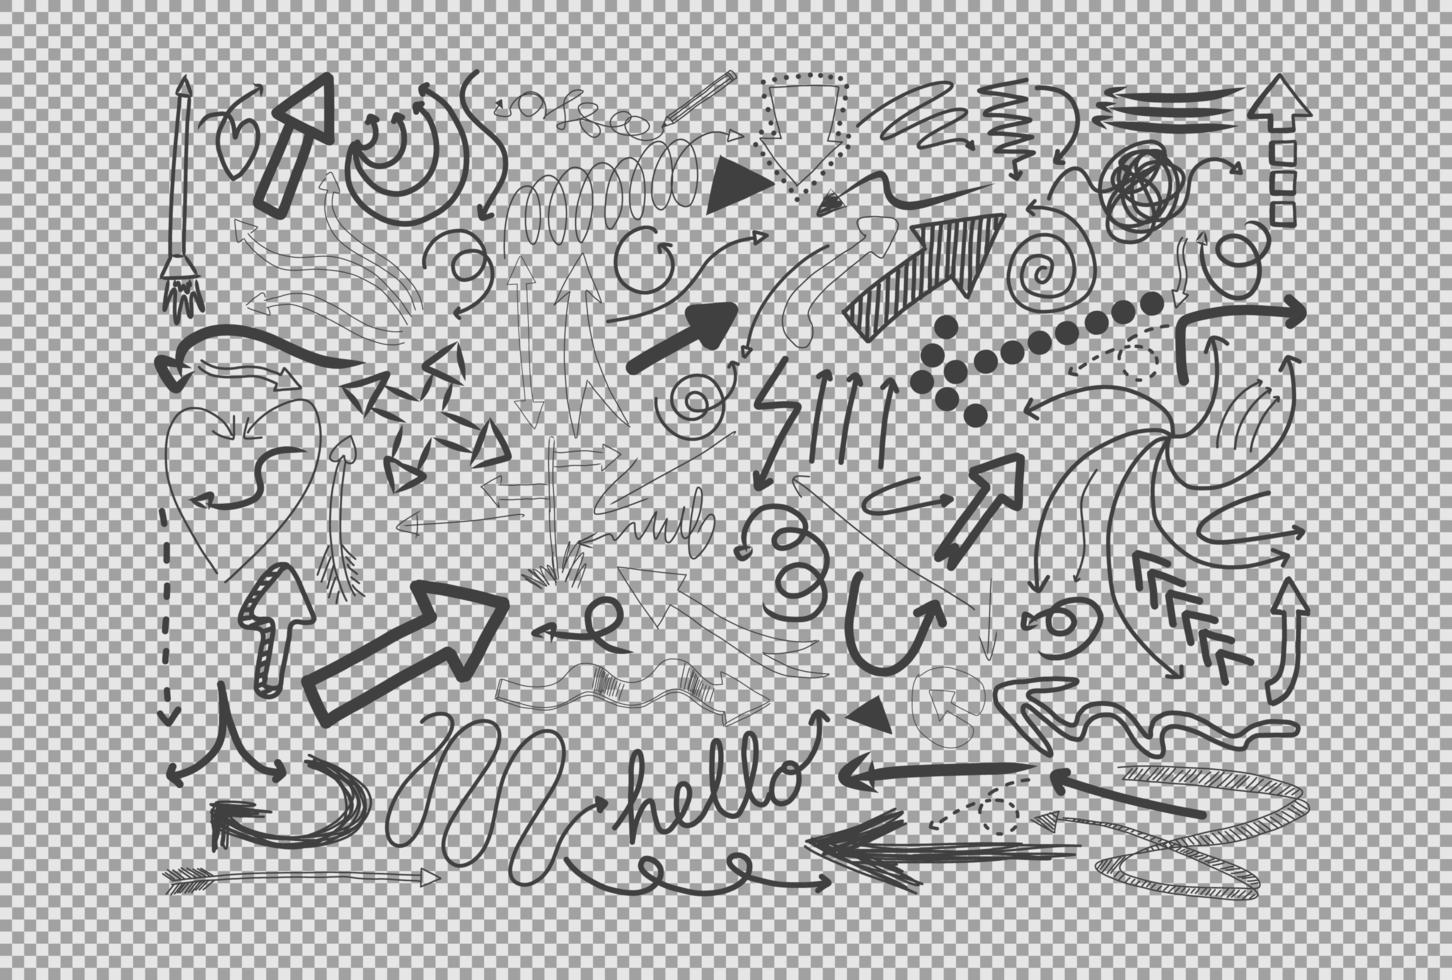 différents traits de doodle isolés sur fond transparent vecteur